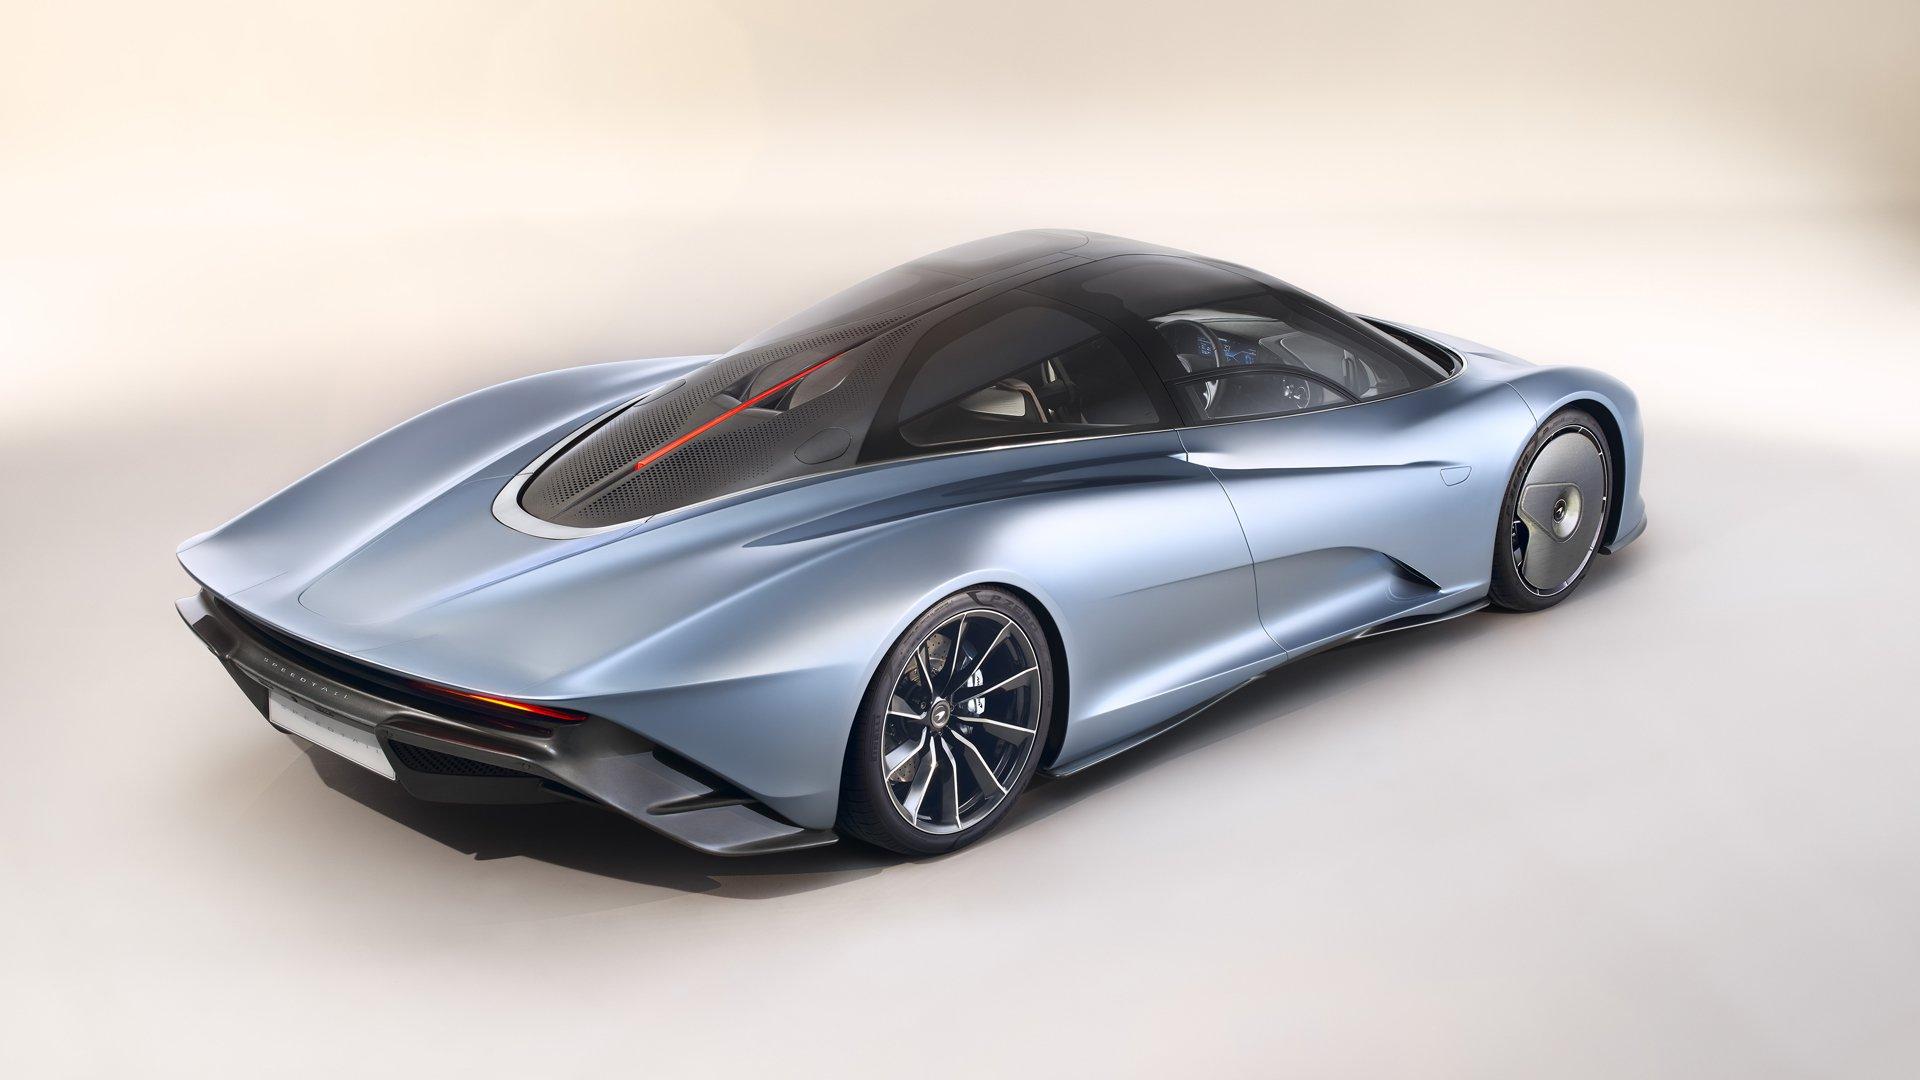 McLaren Speedtail: A car like no other